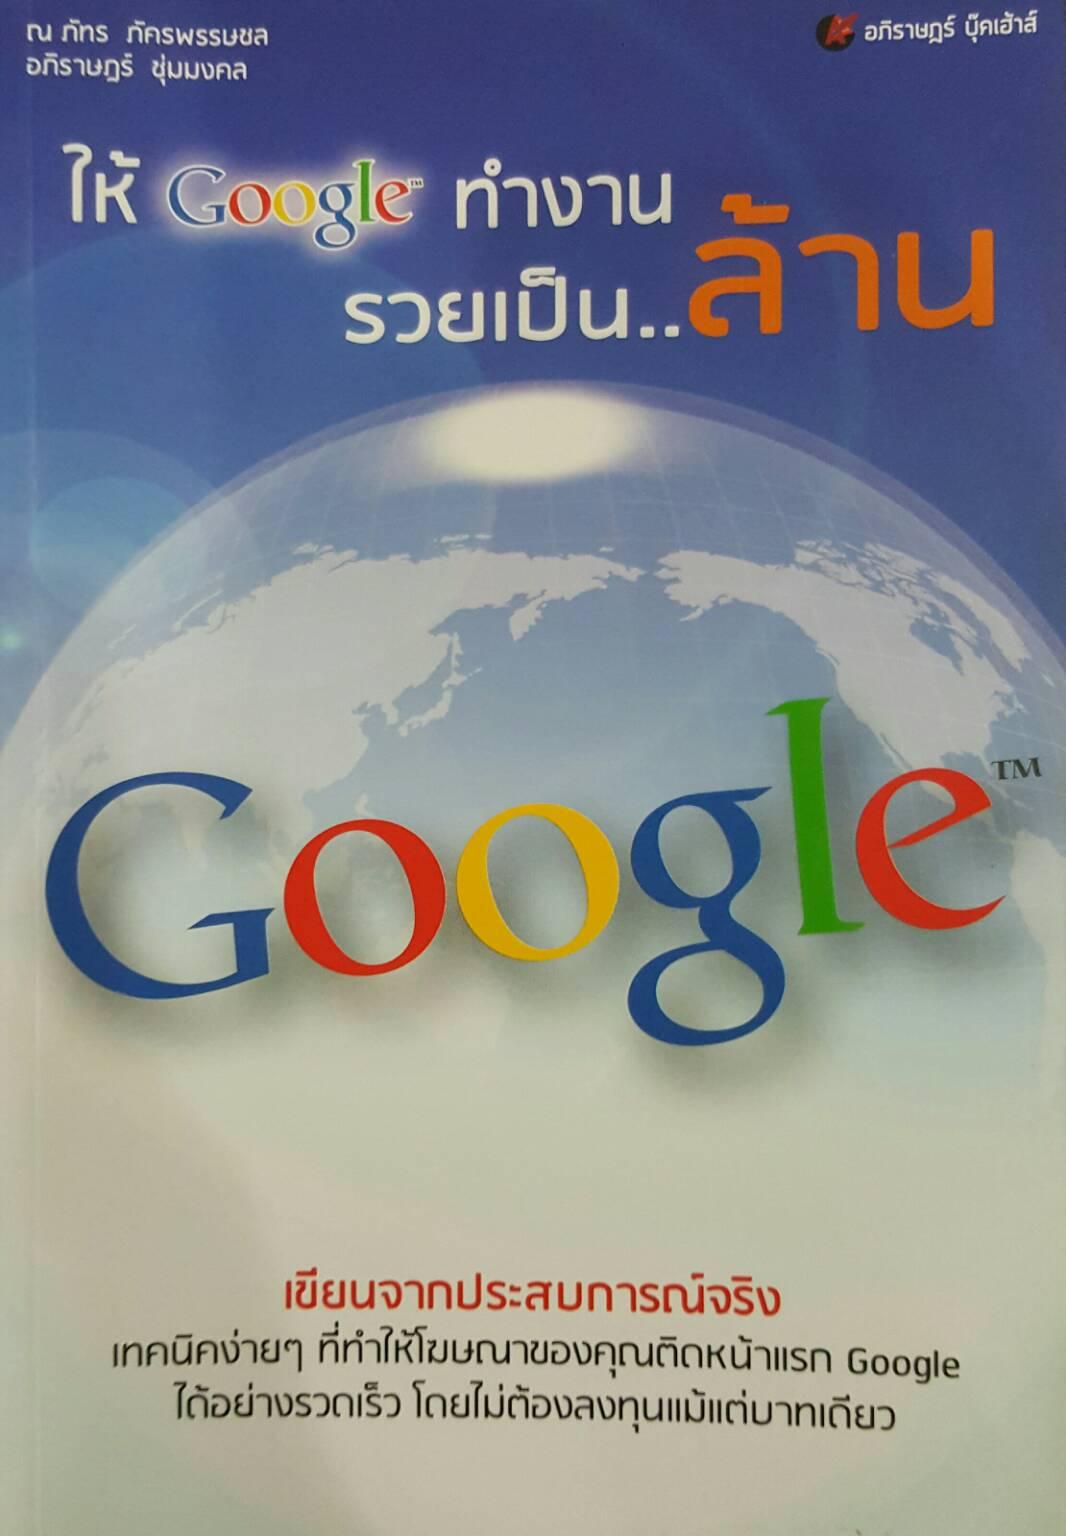 ให้ Google ทำงานรวยเป็นล้าน